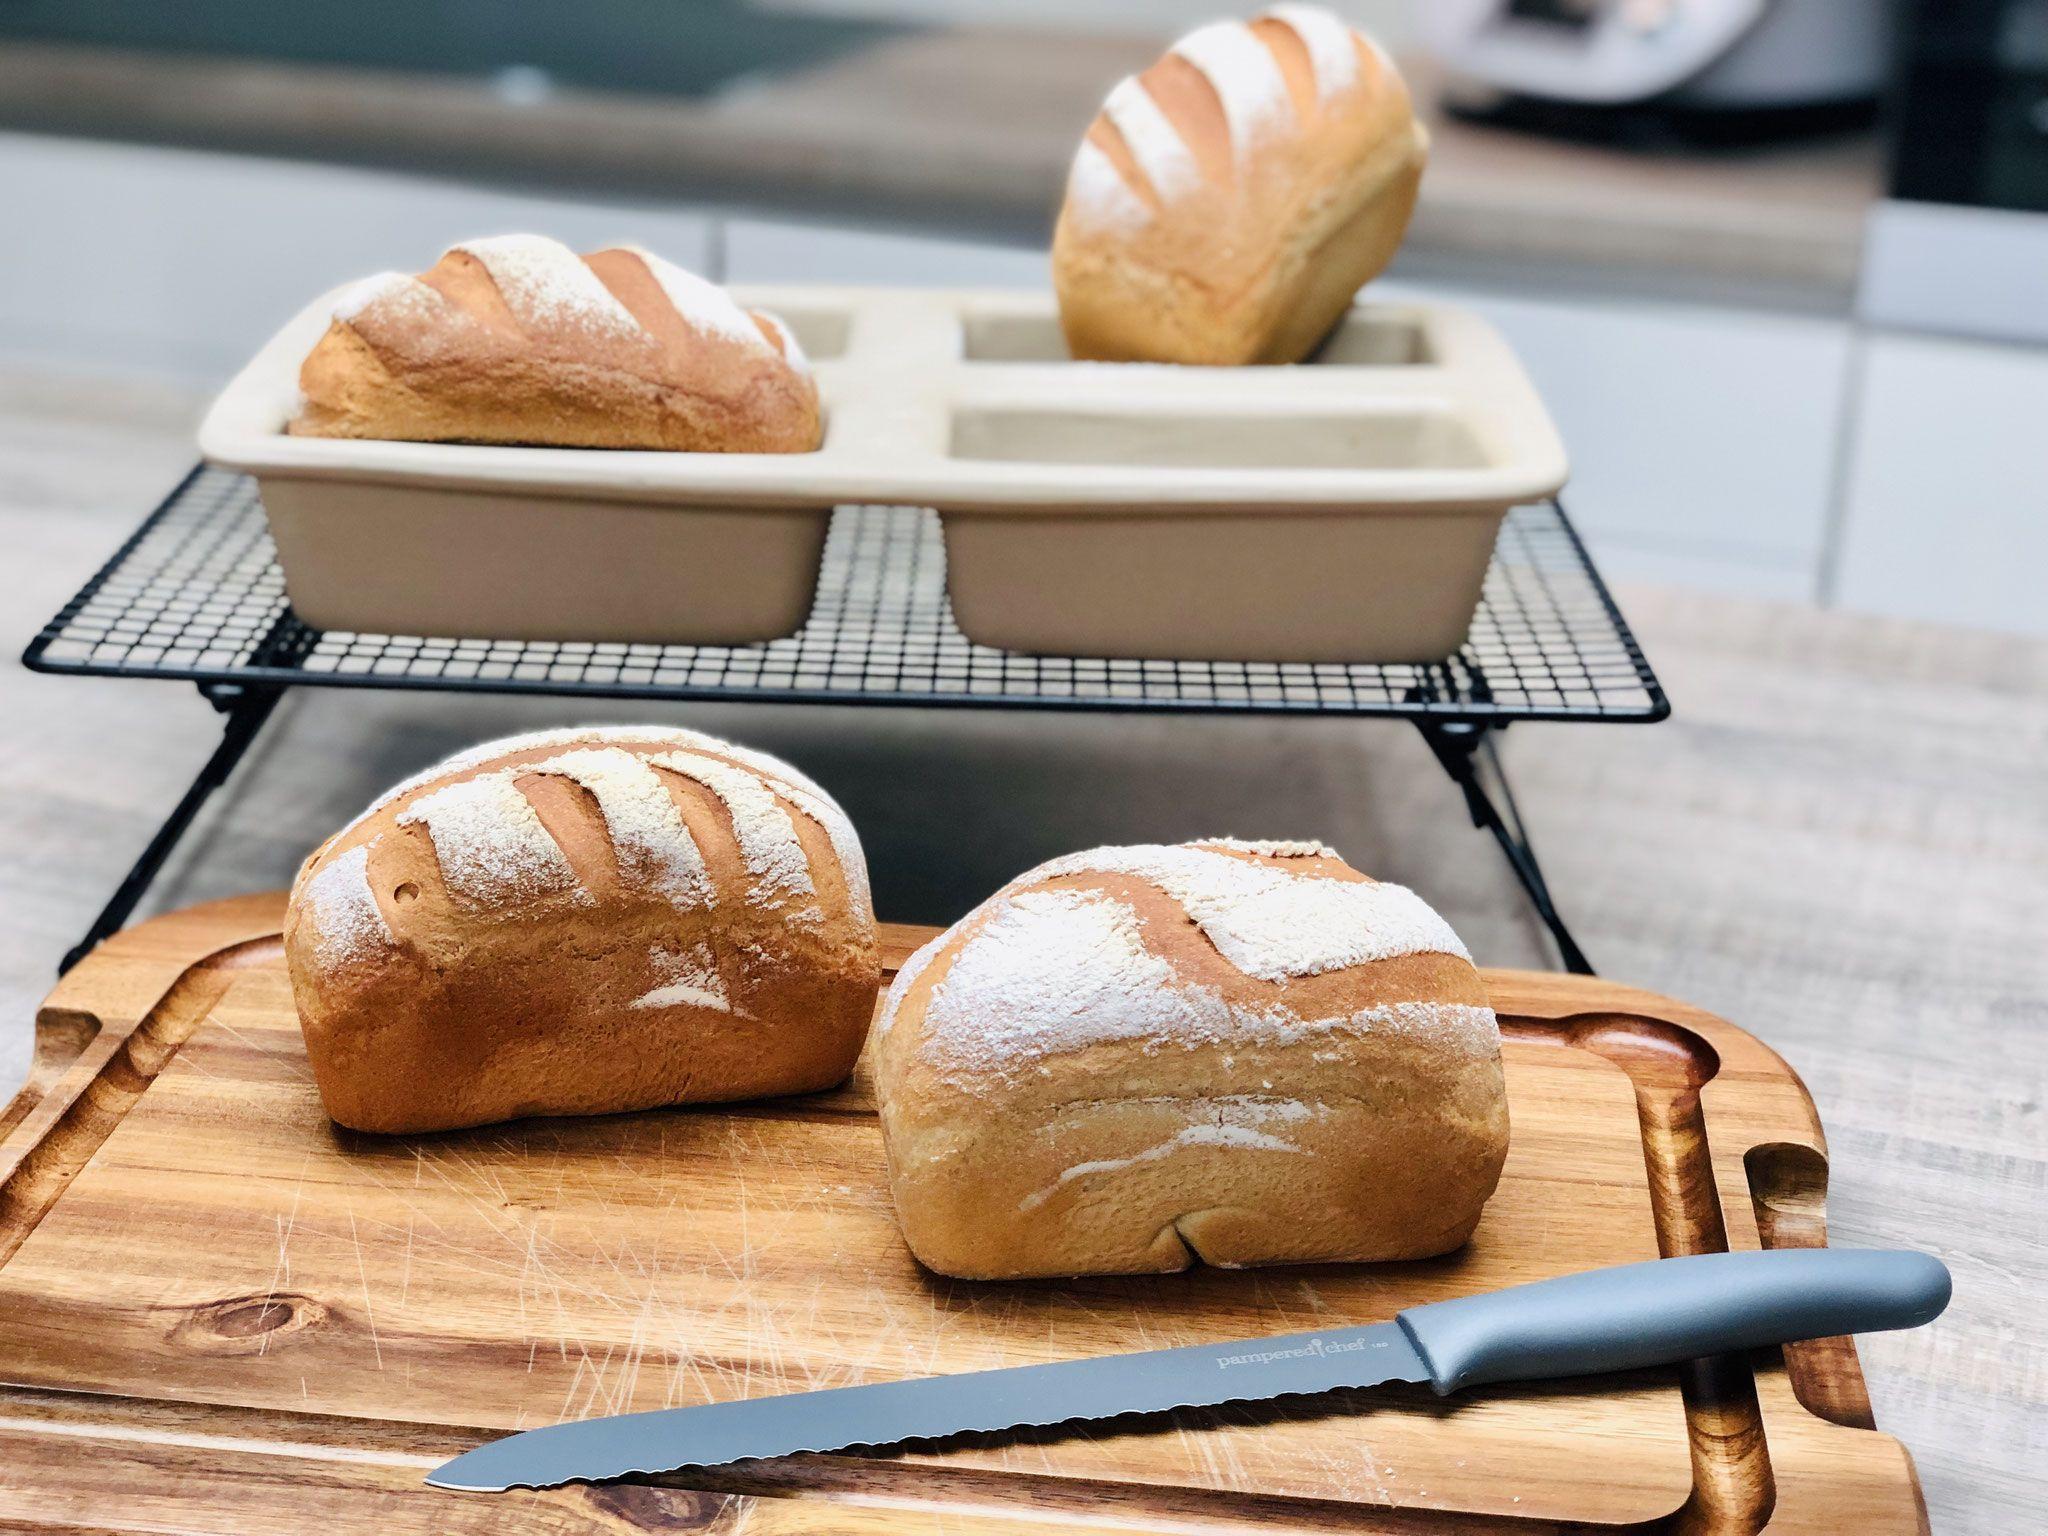 4 Kleine Buttermilchbrote Aus Der Mini Kastenform Ehem 4er Zauberkastche Von Pampered Chef Brot Selber Backen Rezept Buttermilchbrot Milchbrotchen